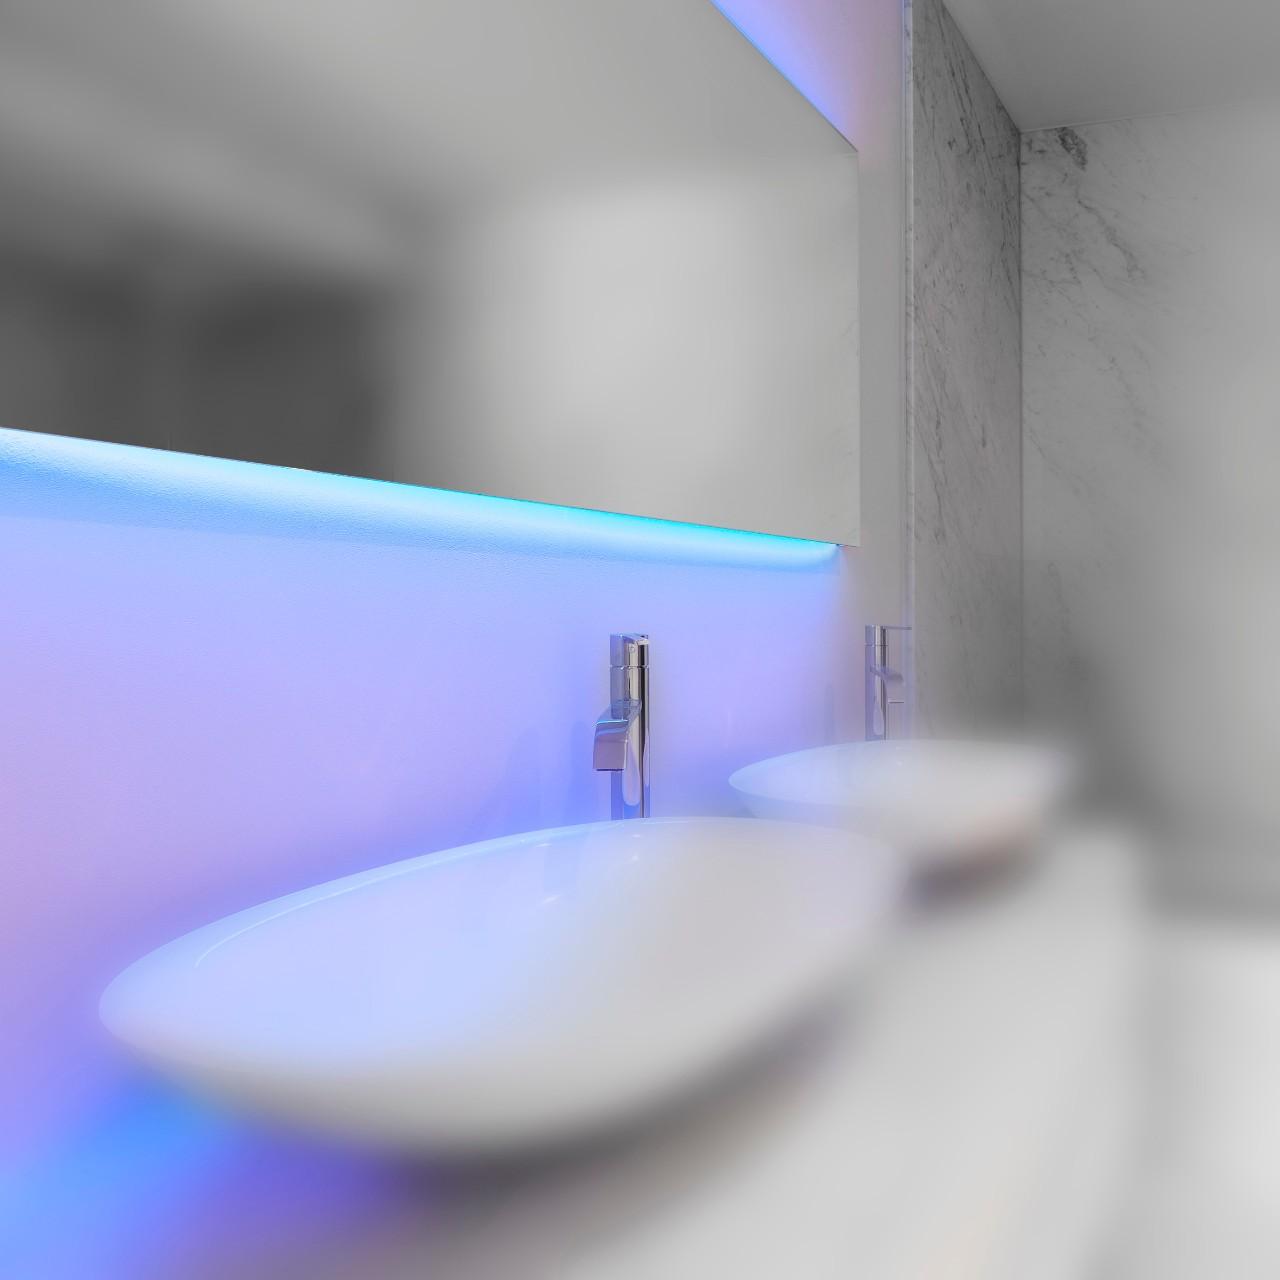 https://thuiscomfort.nl/nieuws/led-spiegel-werpt-een-nieuw-licht-op-de-badkamer/_jcr_content/par/image_0.img.jpg/1456216178871.jpg